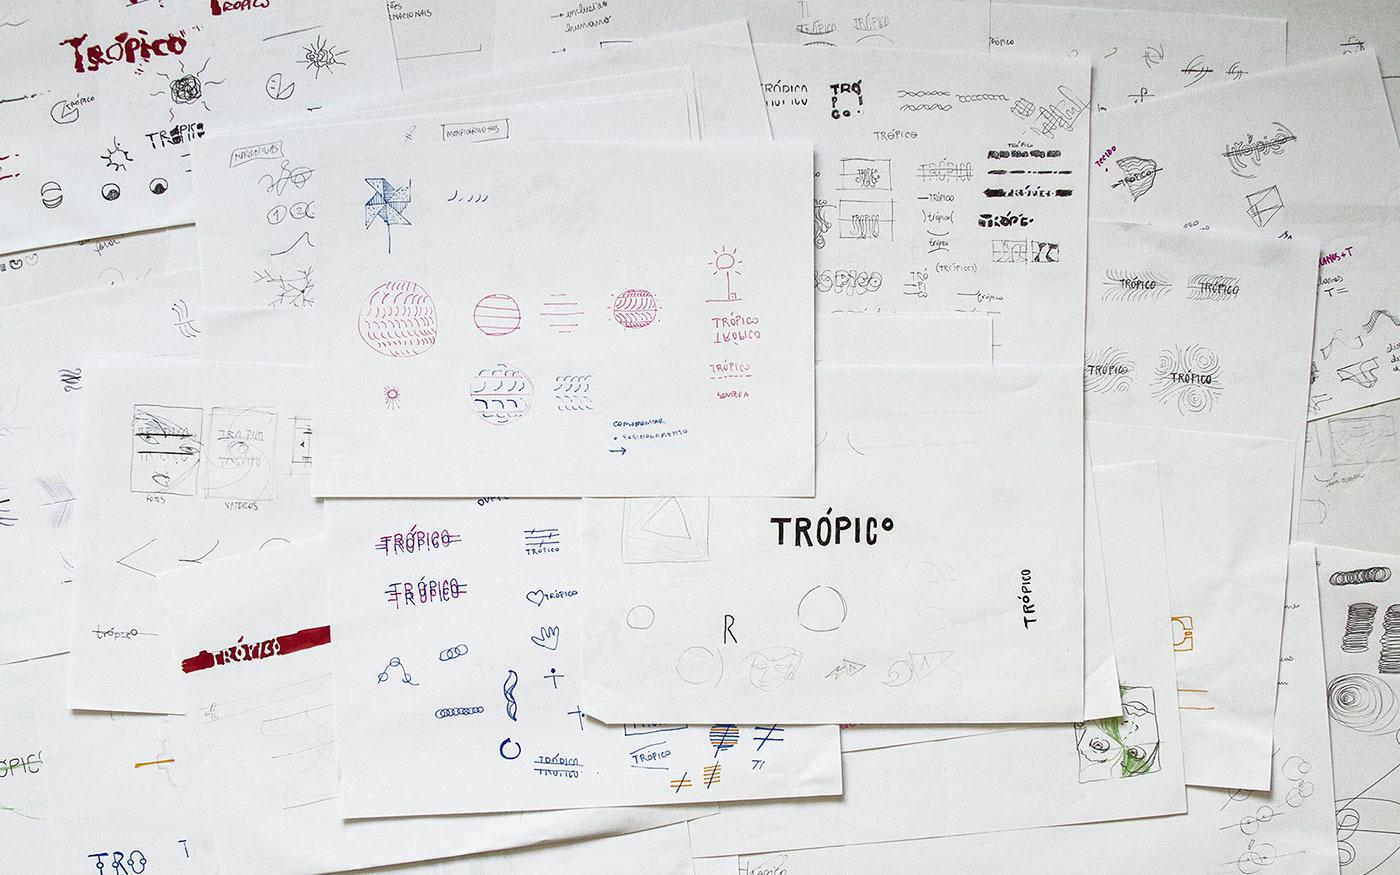 音像公司Trópico品牌设计 欣赏-第3张